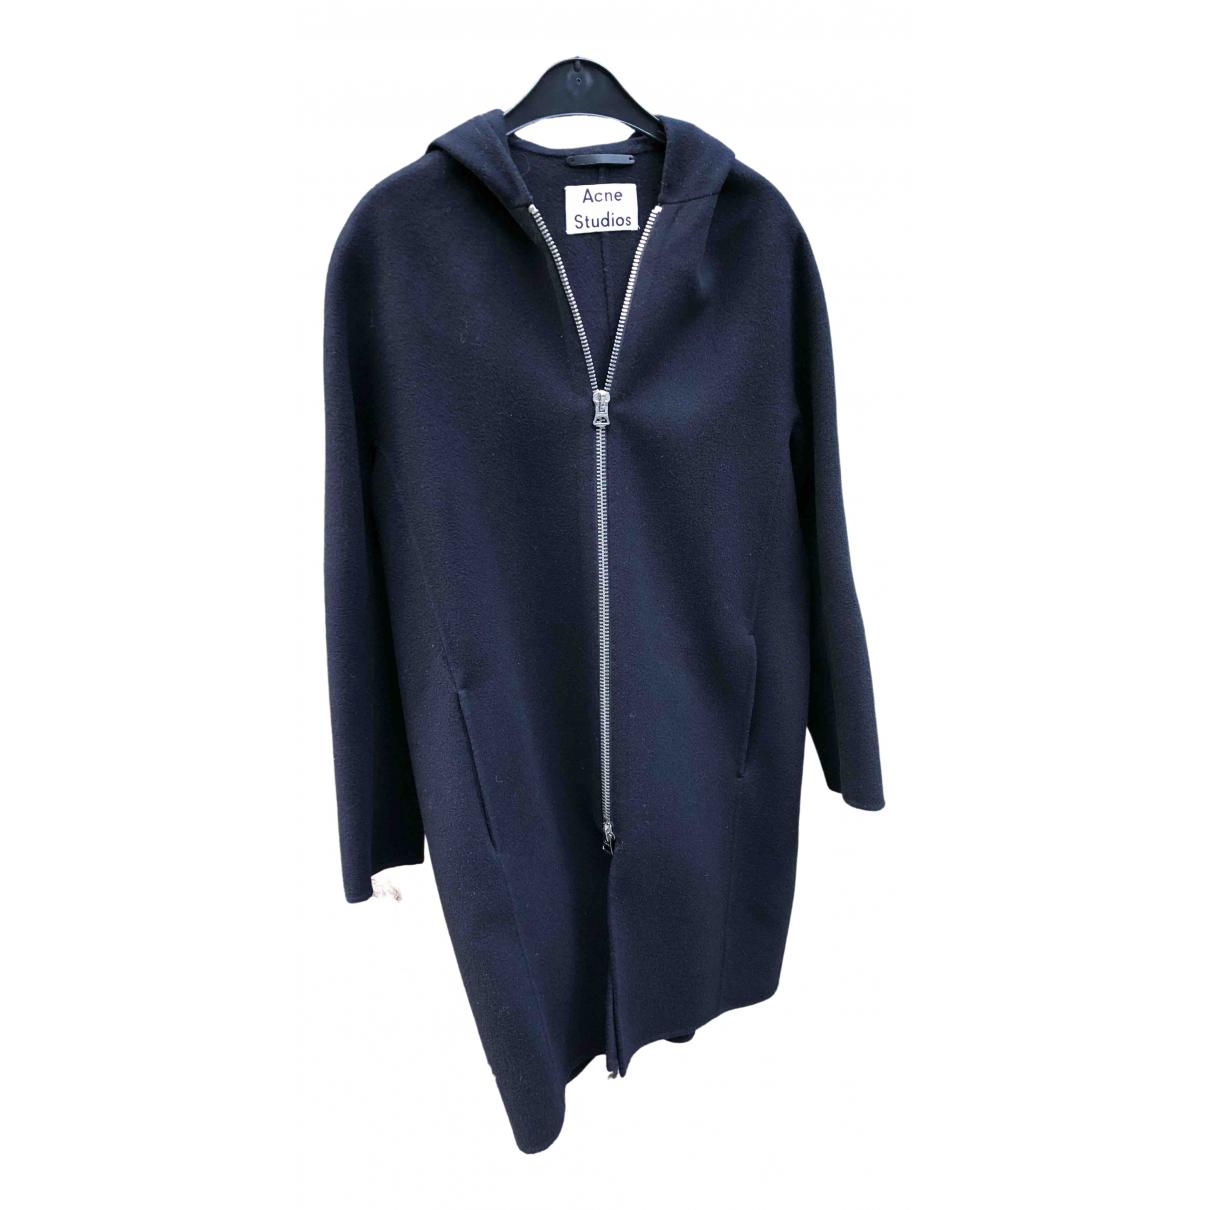 Acne Studios - Manteau   pour femme en laine - marine